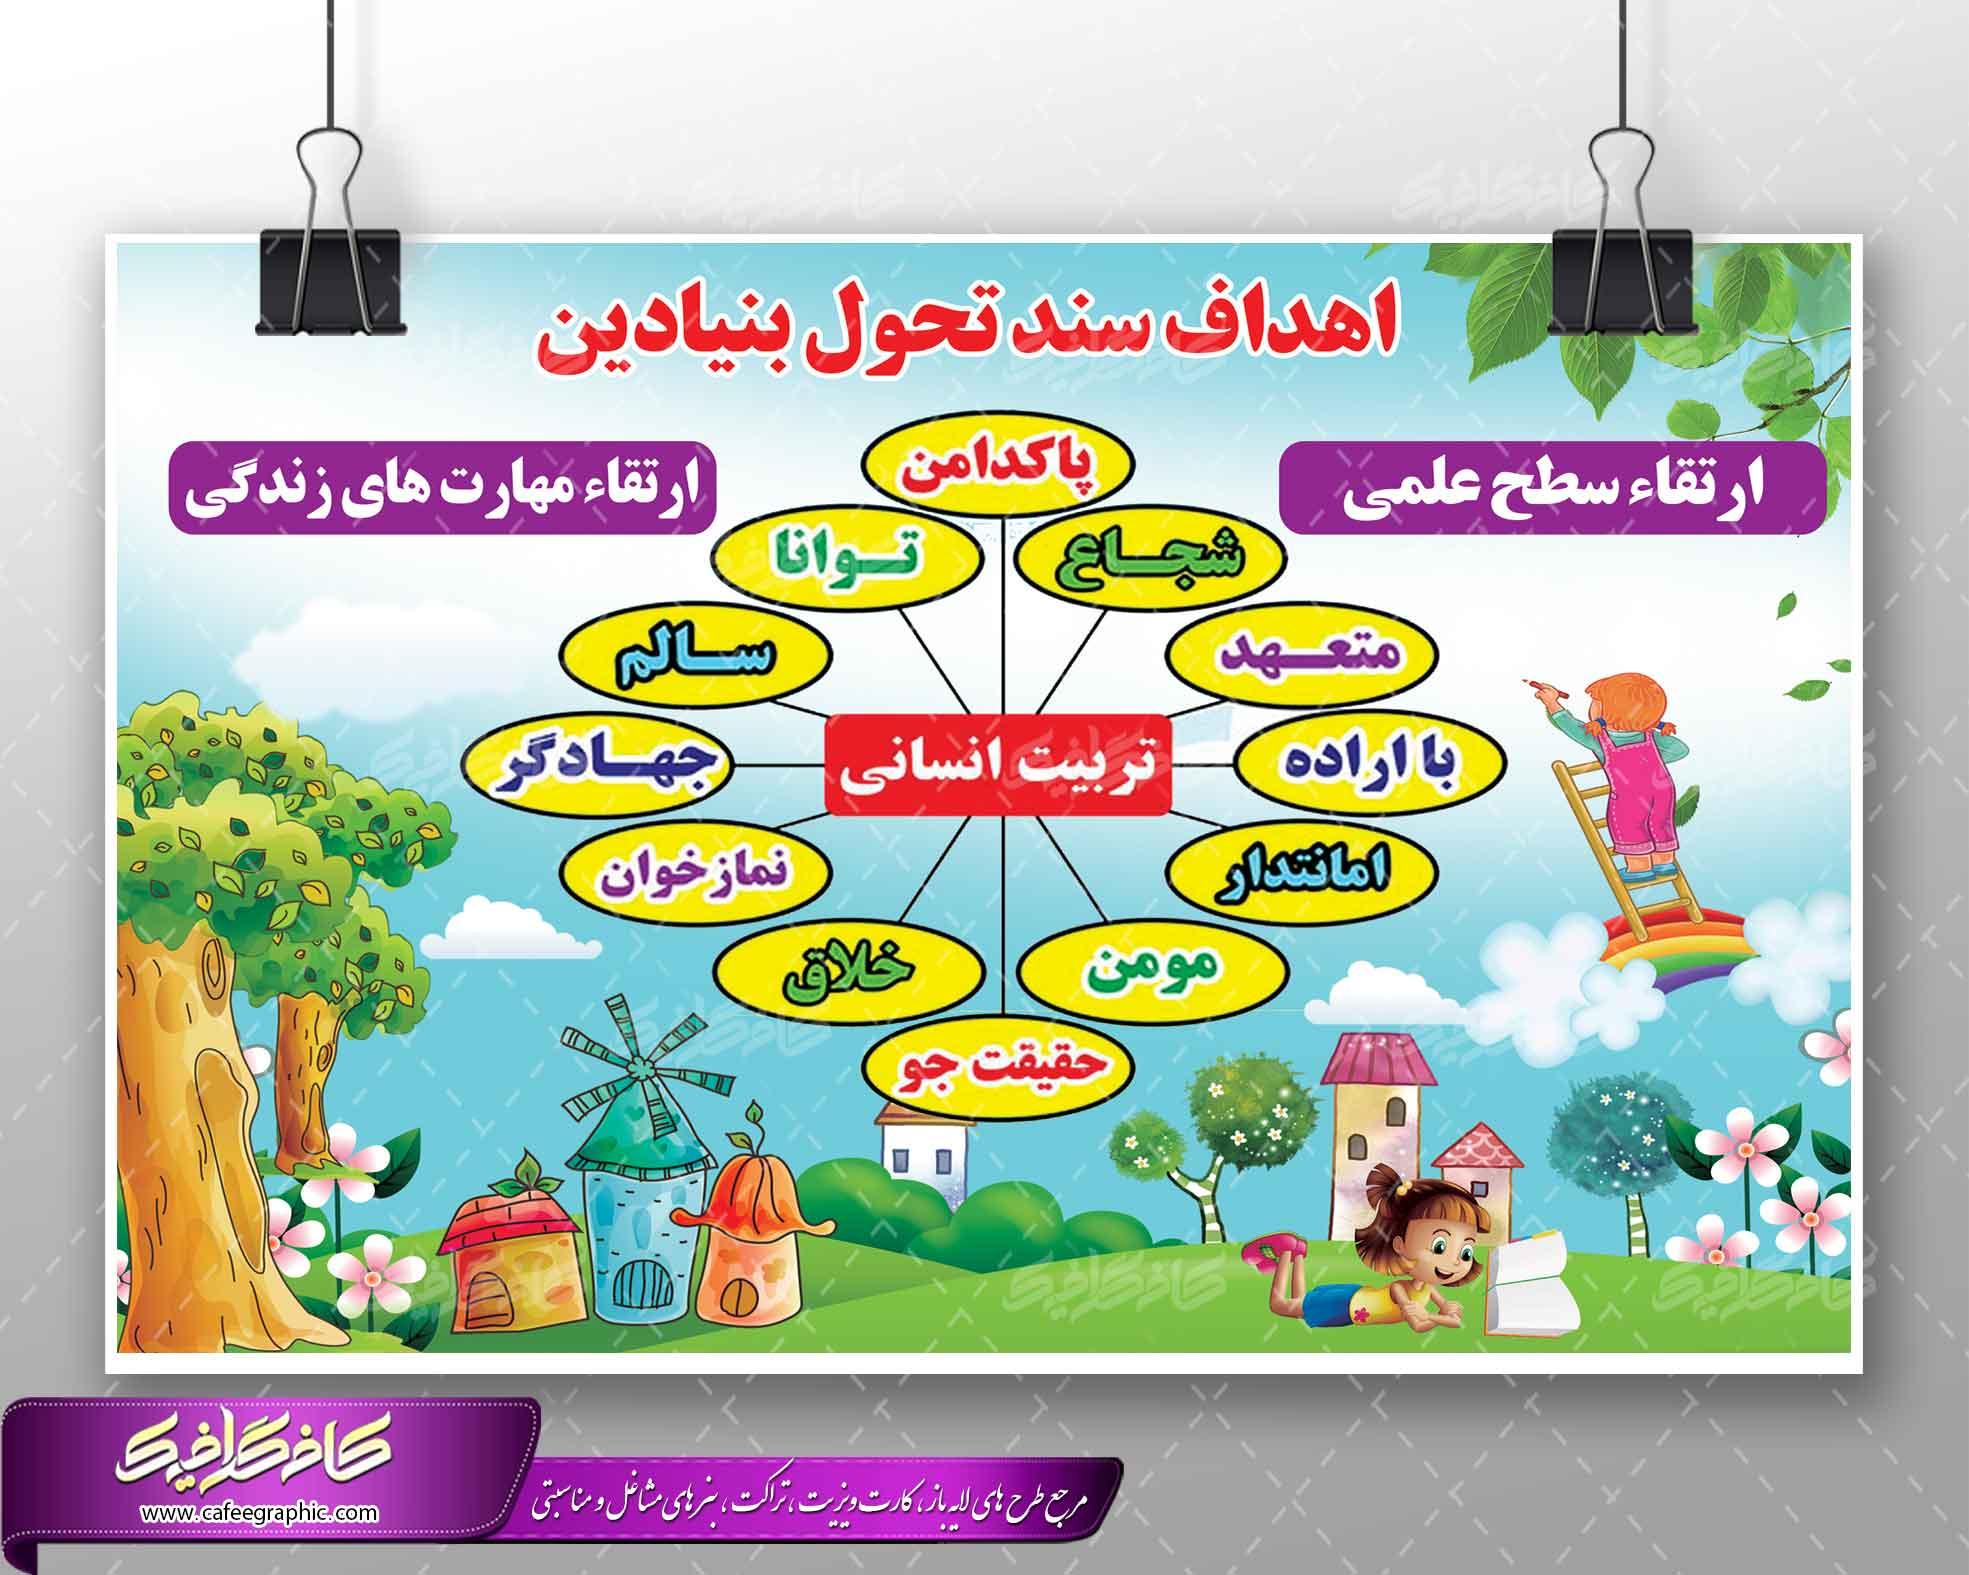 اهداف سند تحول بنیادین مدارس